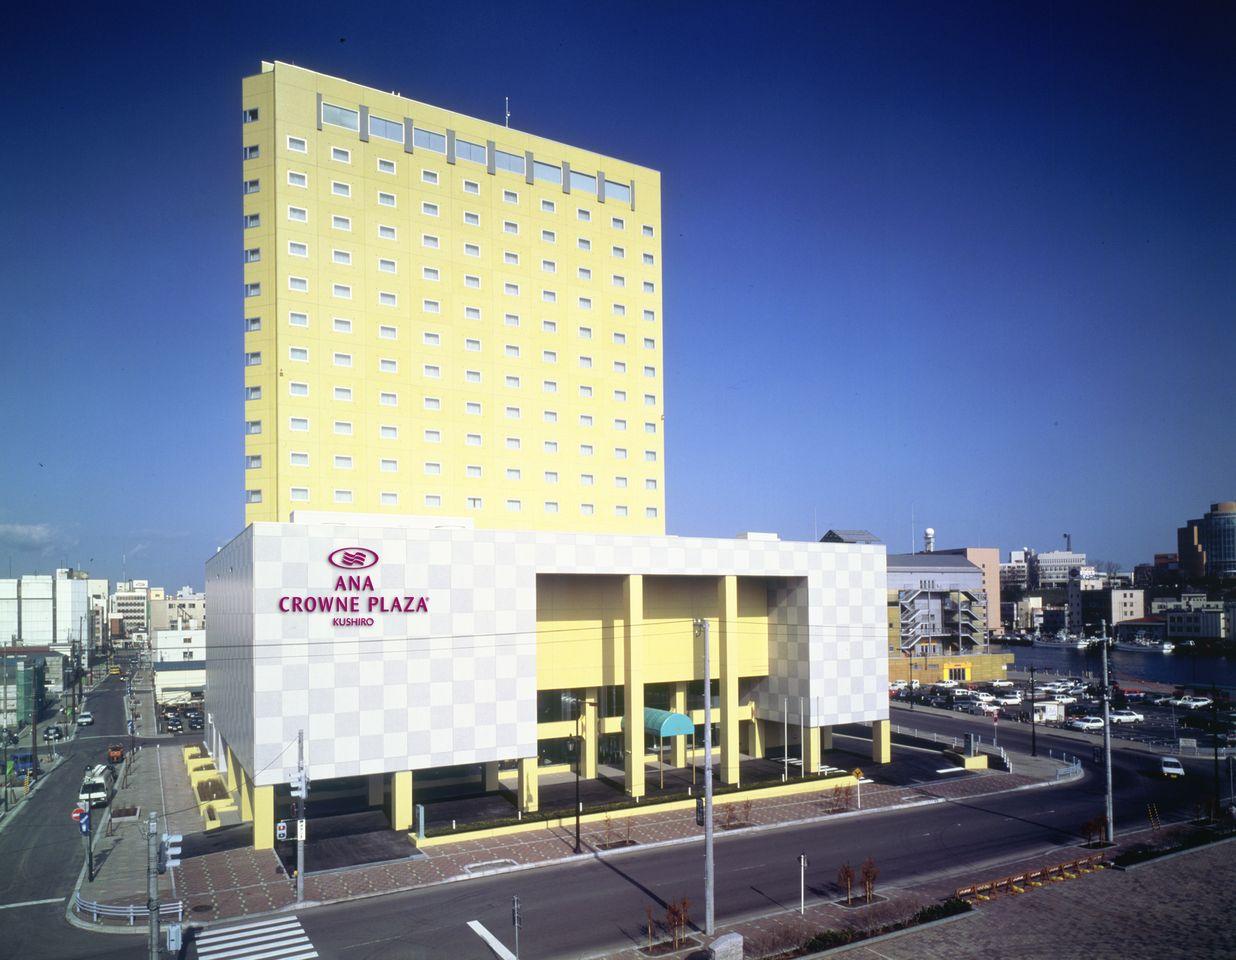 ANAクラウンプラザホテルが国内15都市にネットワークを拡大